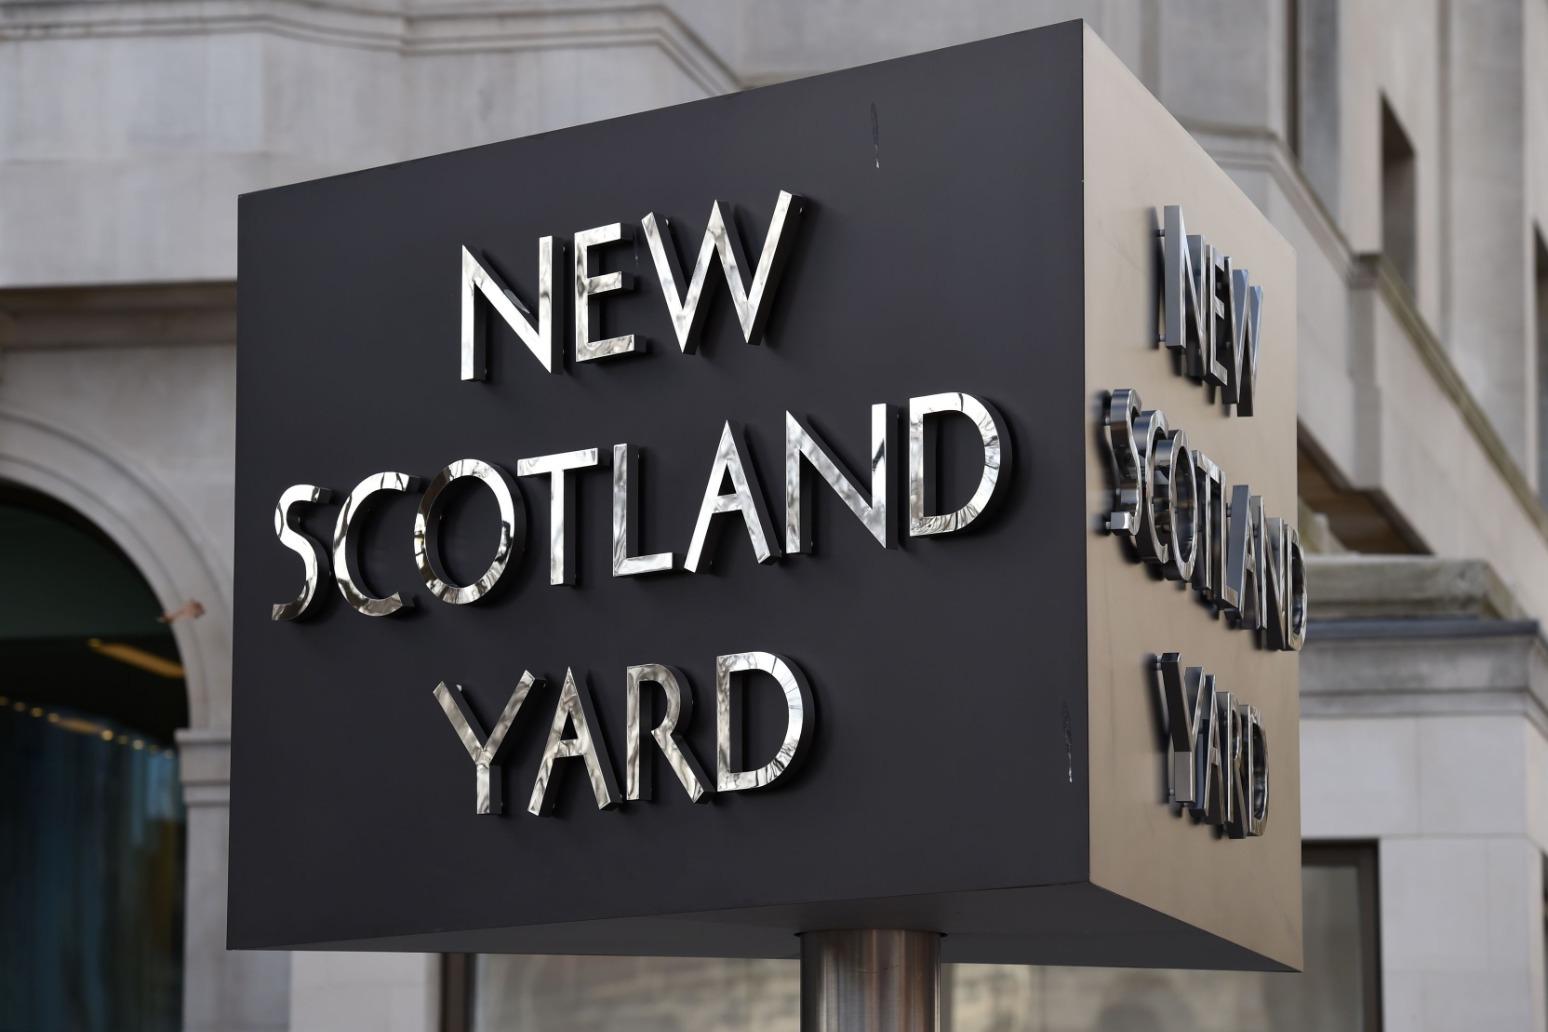 Met Police officer remanded in custody